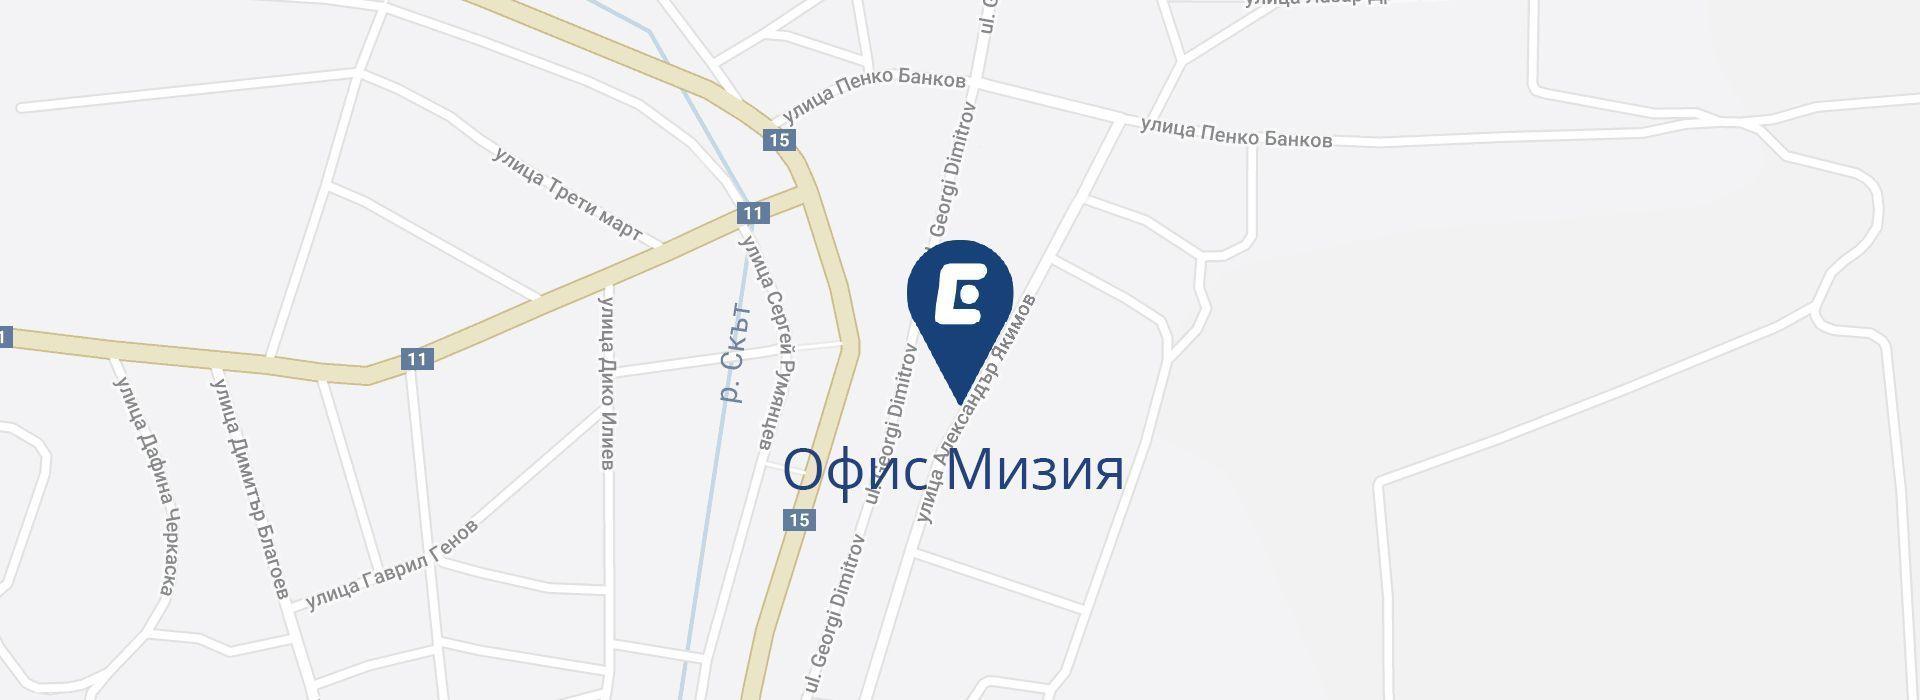 Ofis Miziya Vi Posresha Na Nov Adres S Poveche Polezni Novini